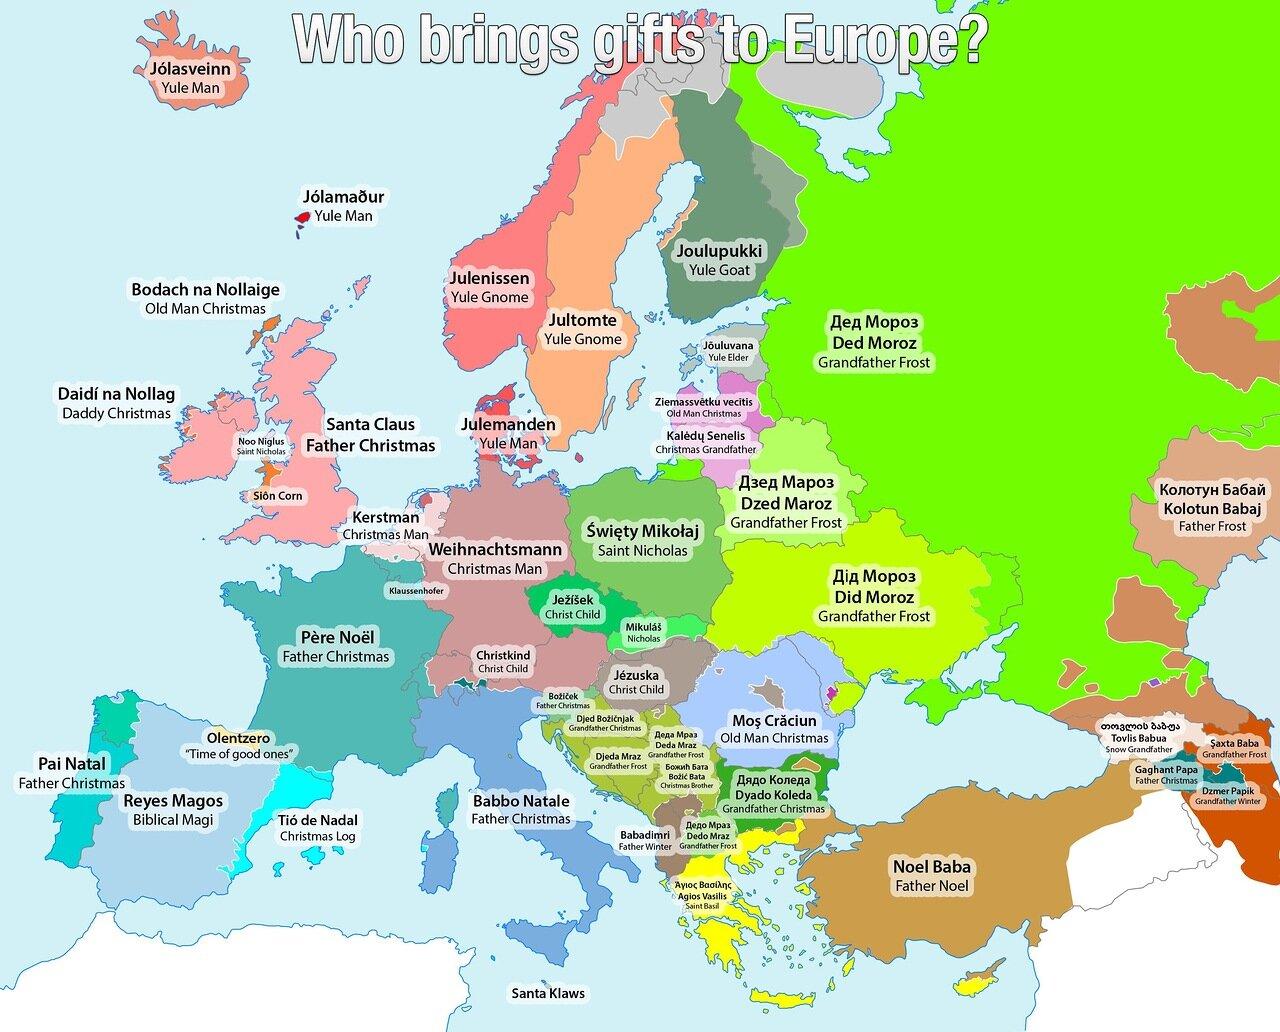 Кто в Европе приносит подарки на Рождество и Новый Год